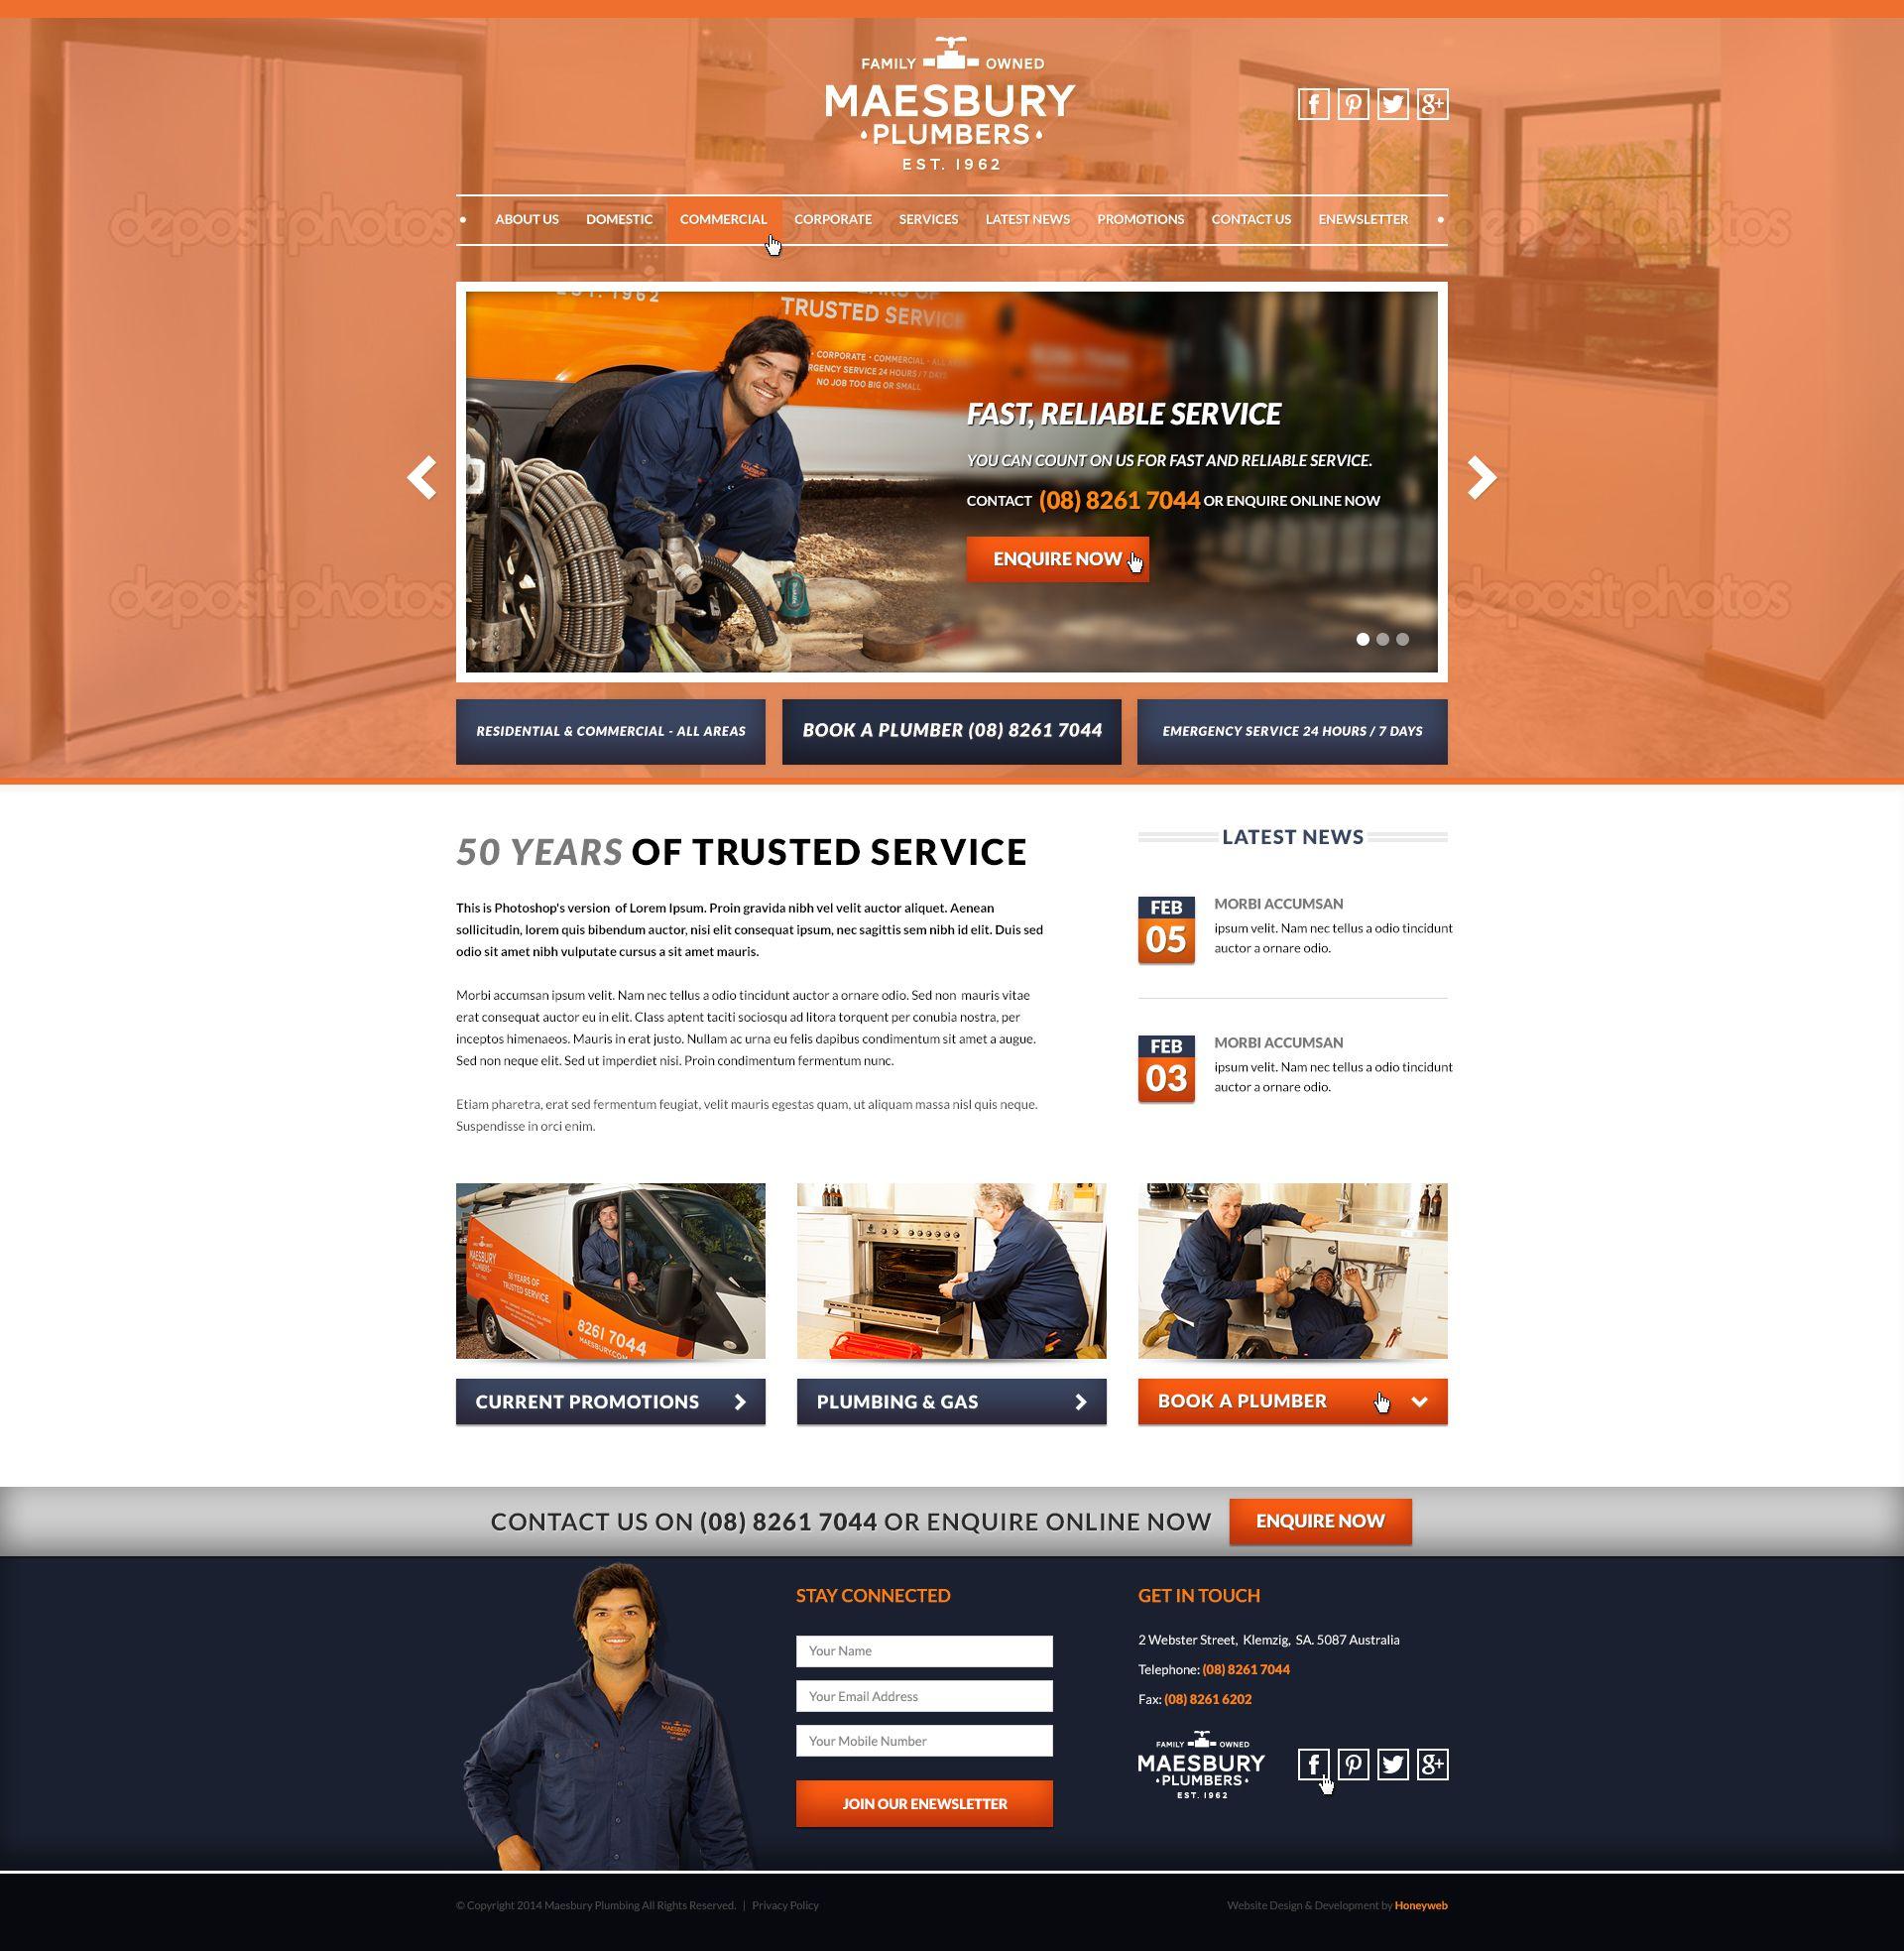 Maesbury Plumbers Website Designed By Honeyweb Www Maesbury Com Au Www Honeyweb Com Au Website Design Plumber Design